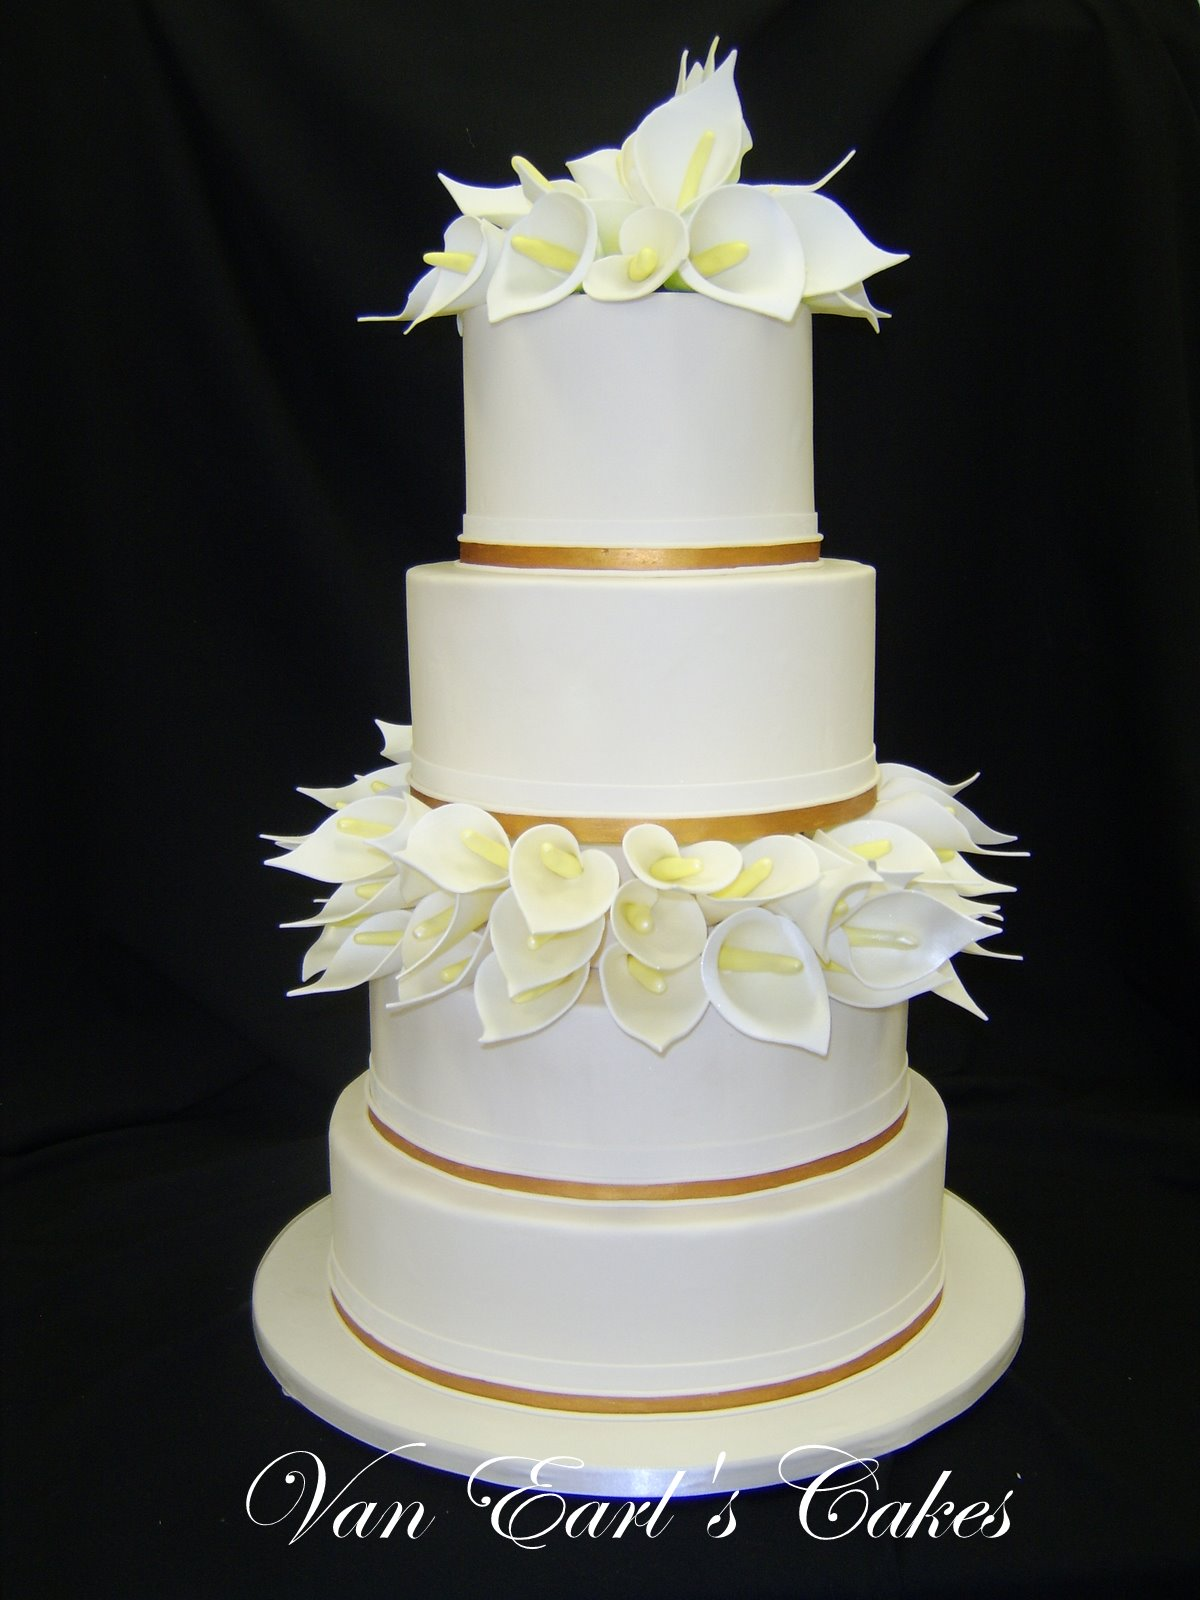 Van Earl s Cakes March 2011